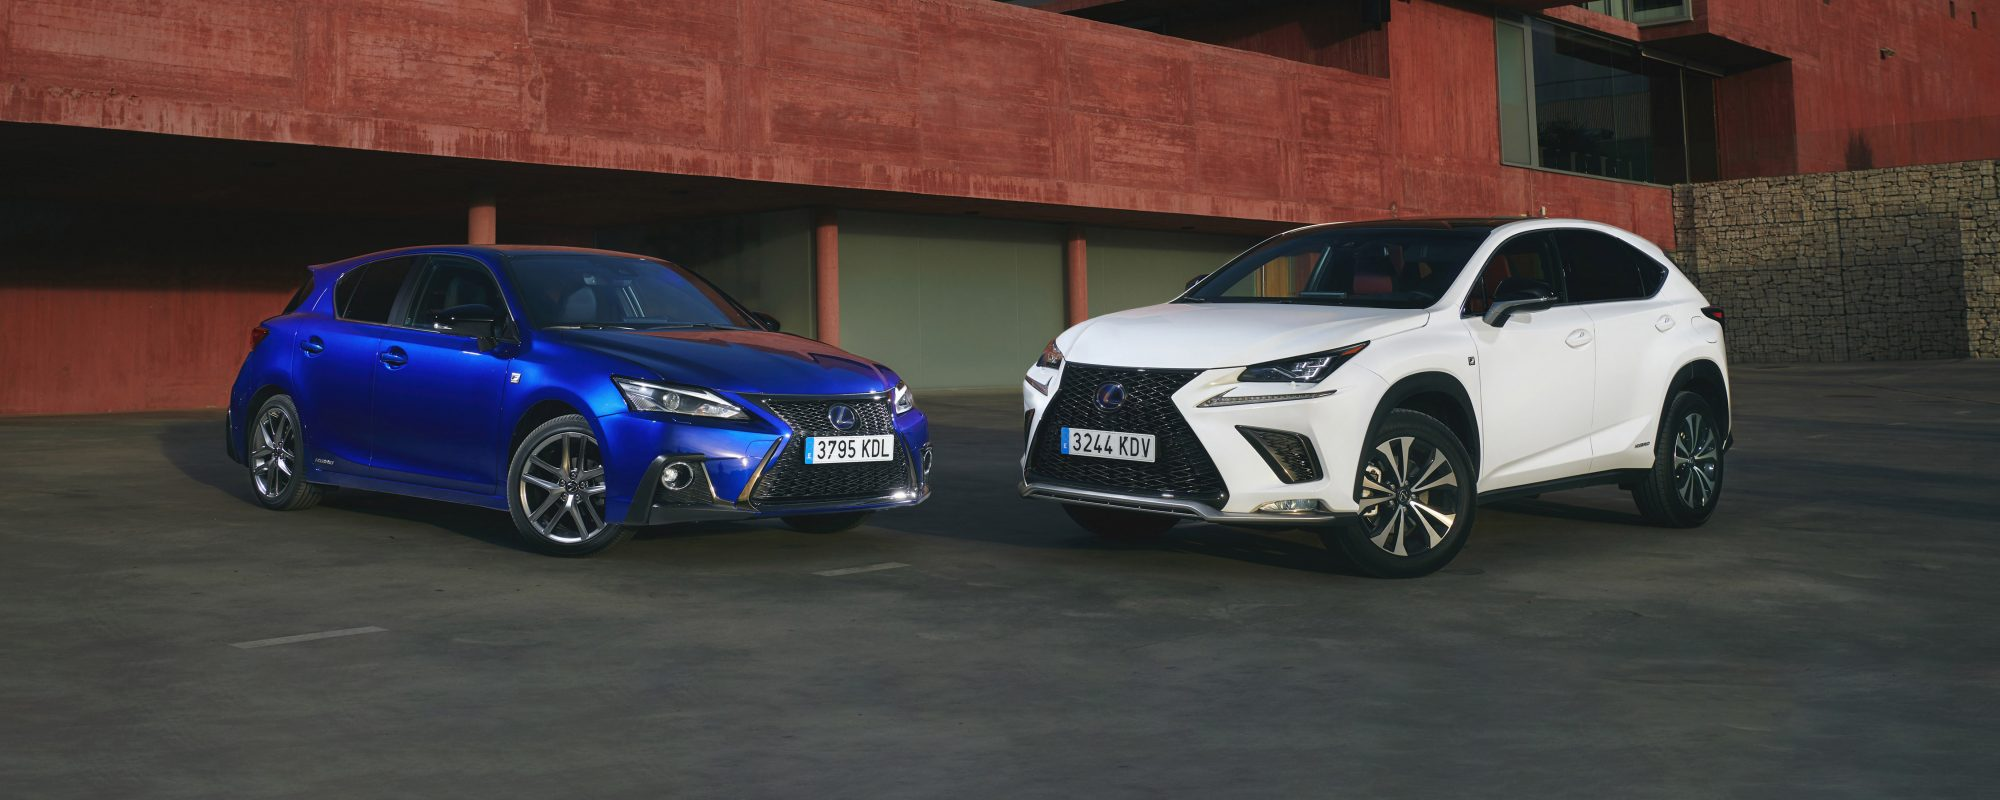 Kwaliteit bevestigd: Lexus wint What Car? Betrouwbaarheids-award